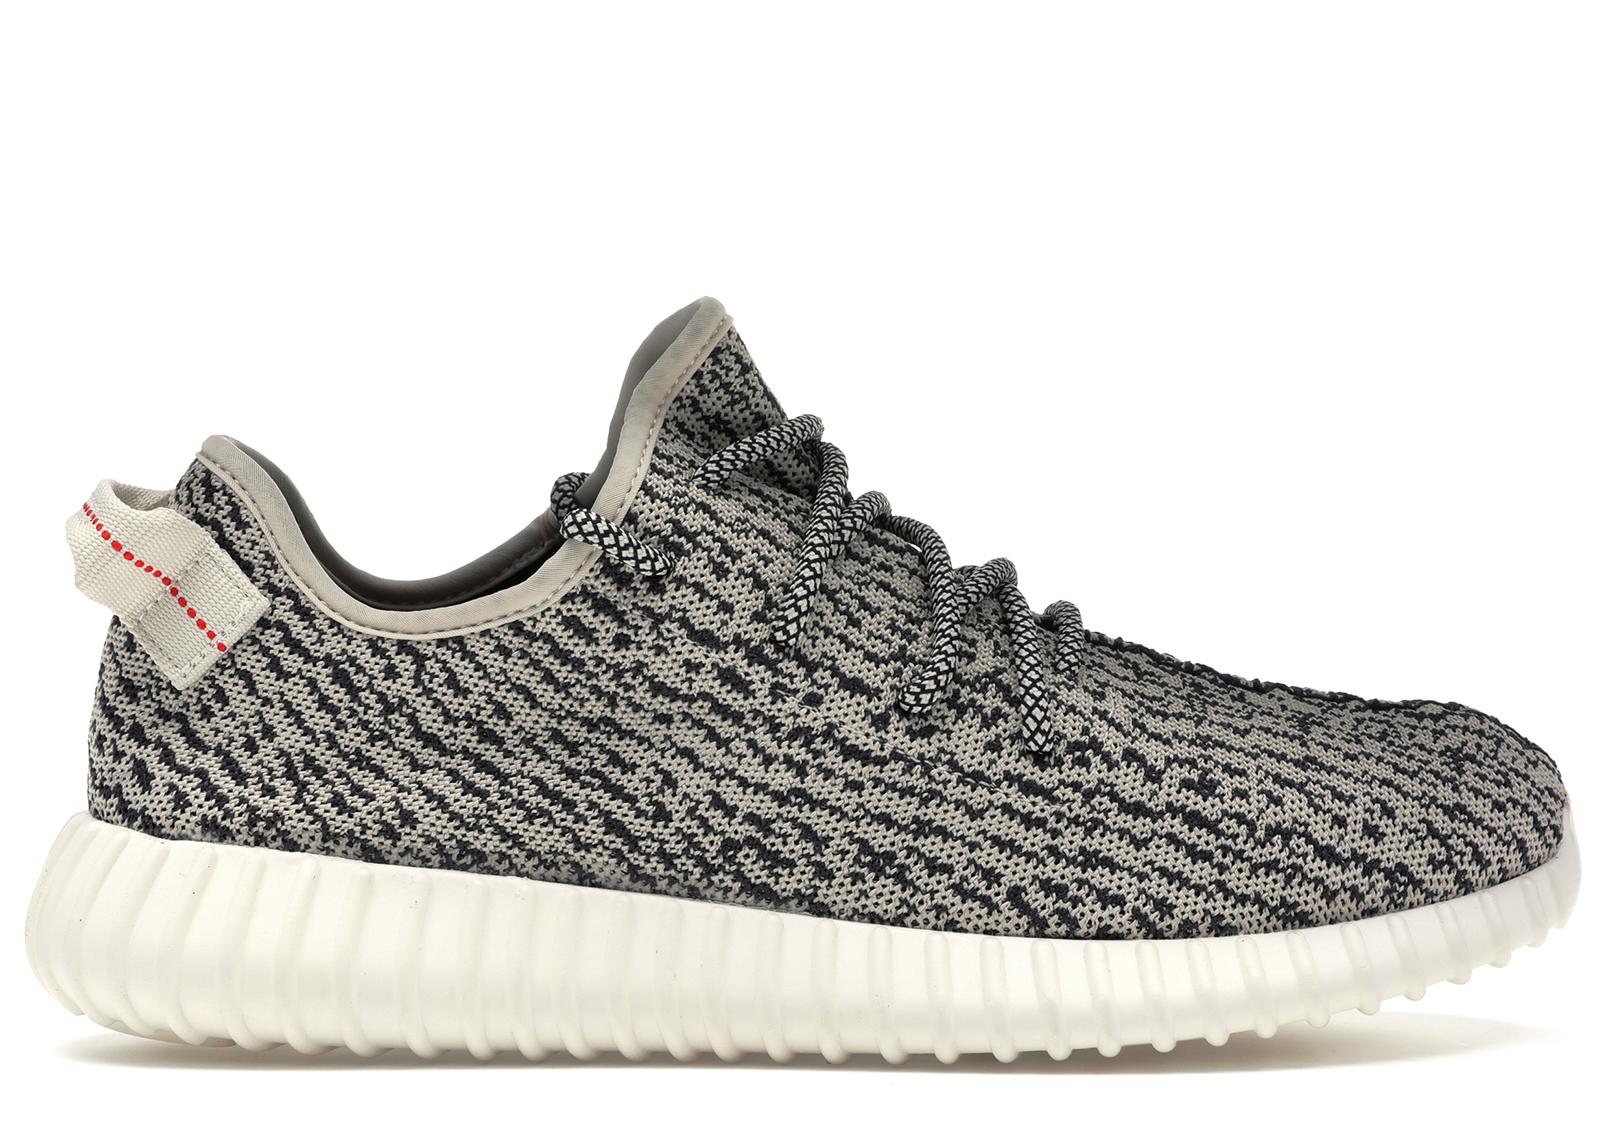 adidas yeezy 350 v2 schwarz weiß